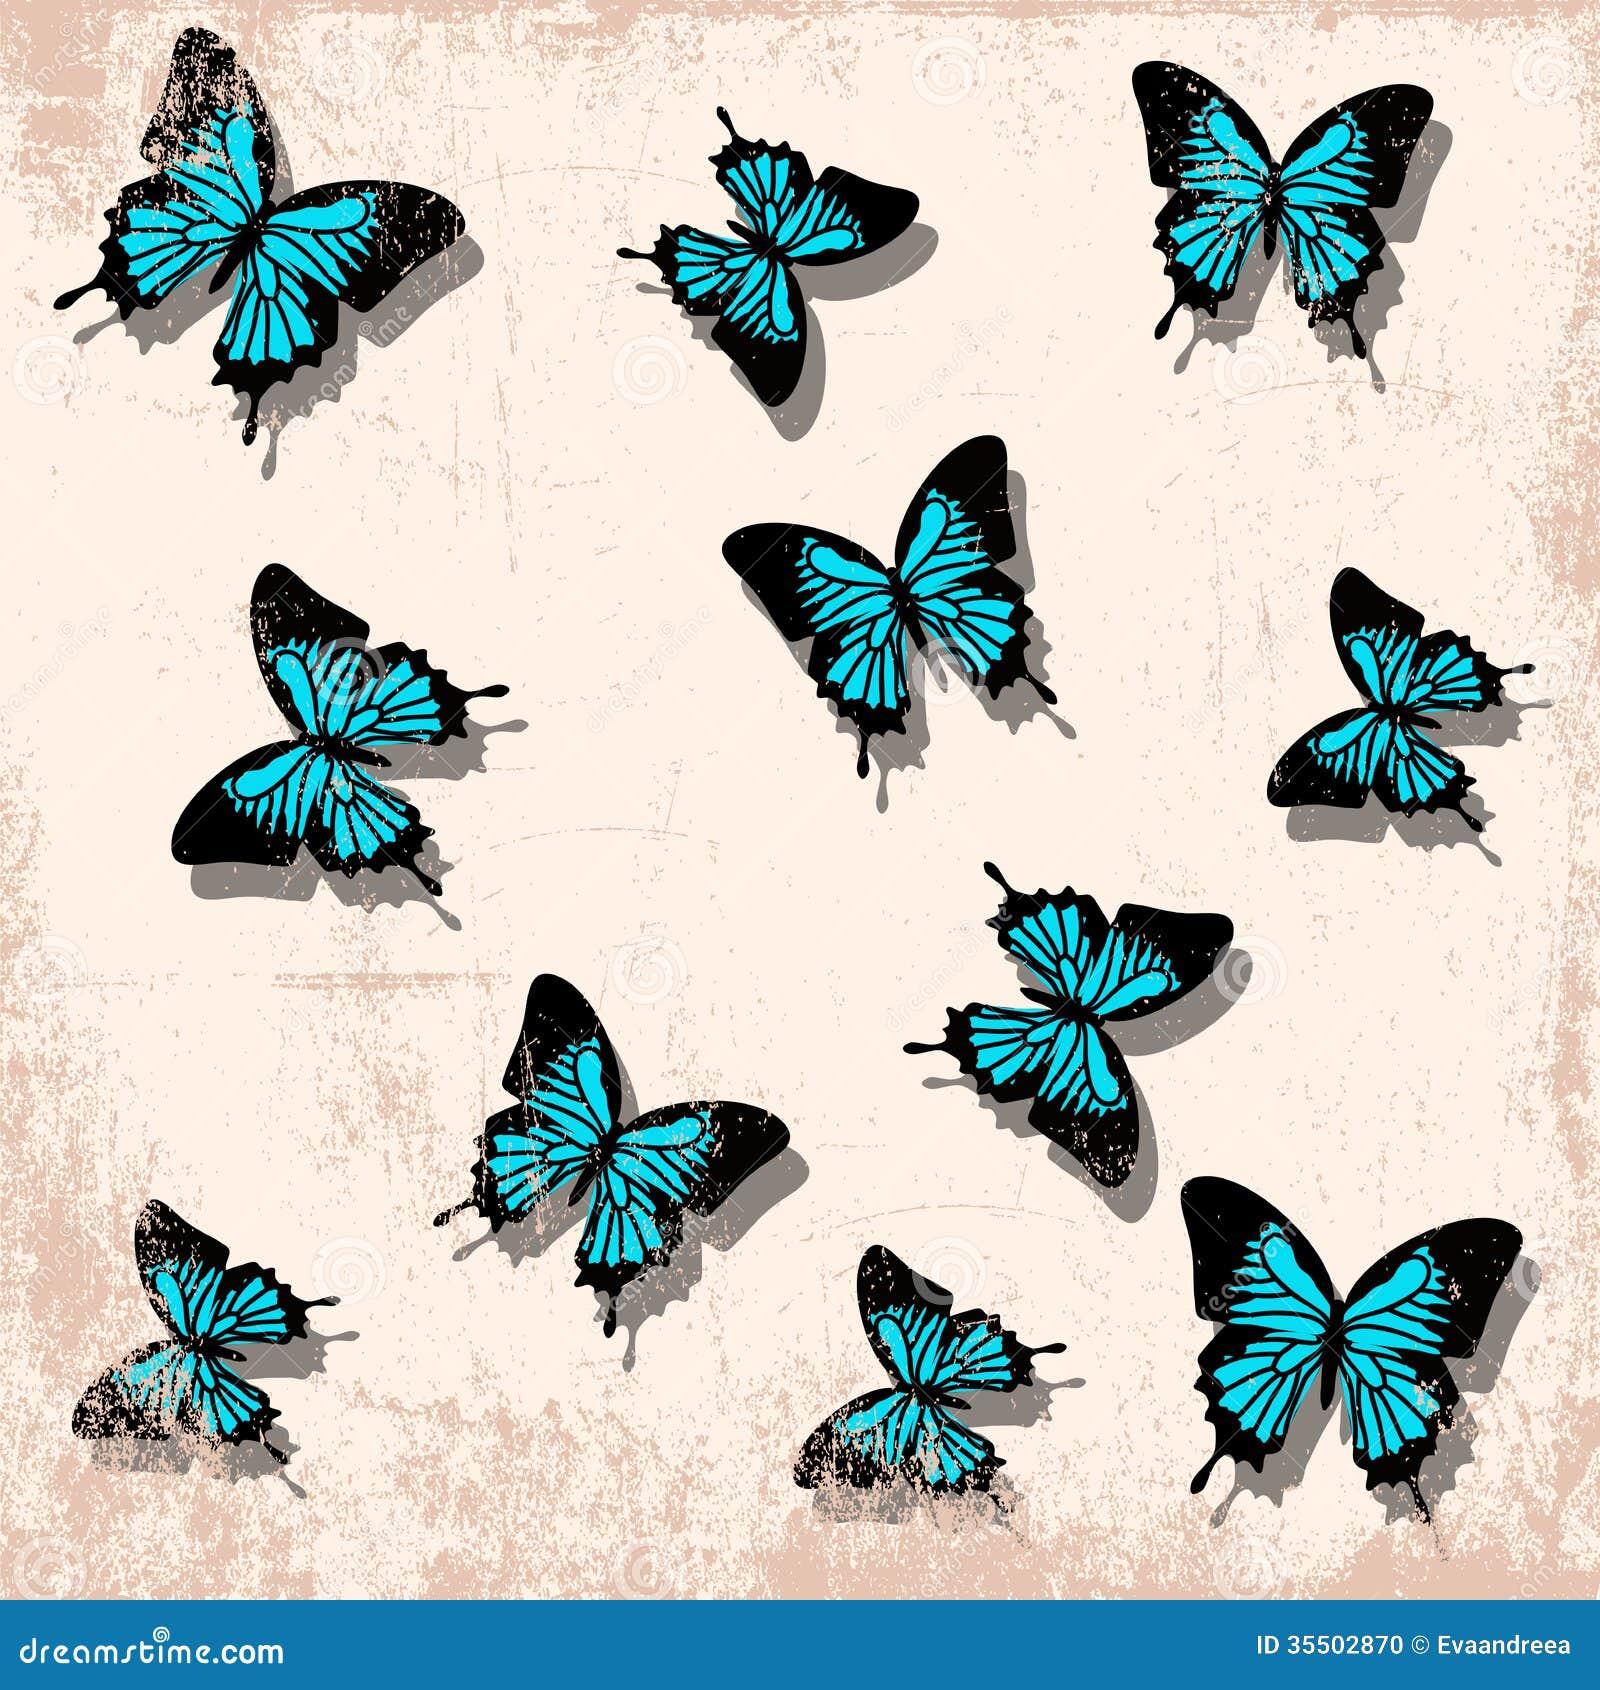 hardcore video escort butterfly